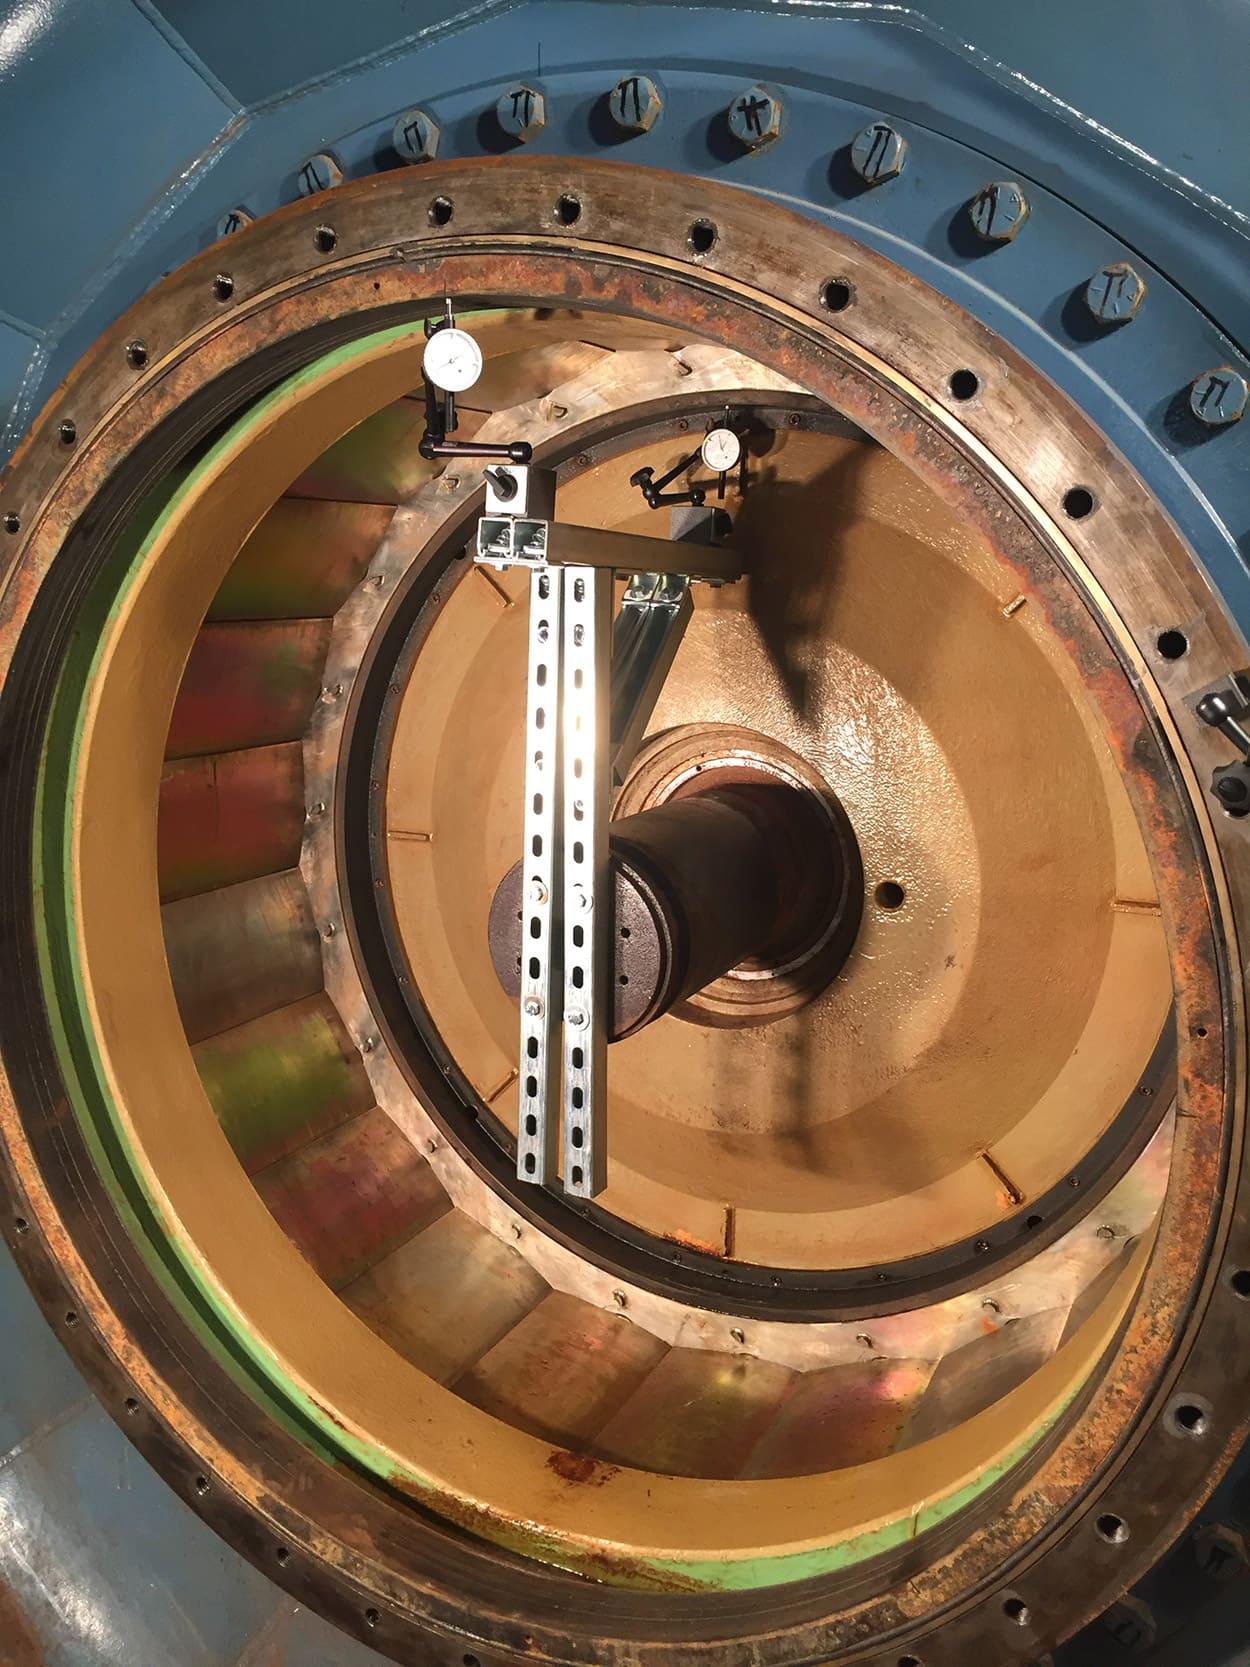 MCWRA Nacimento Turbine 5